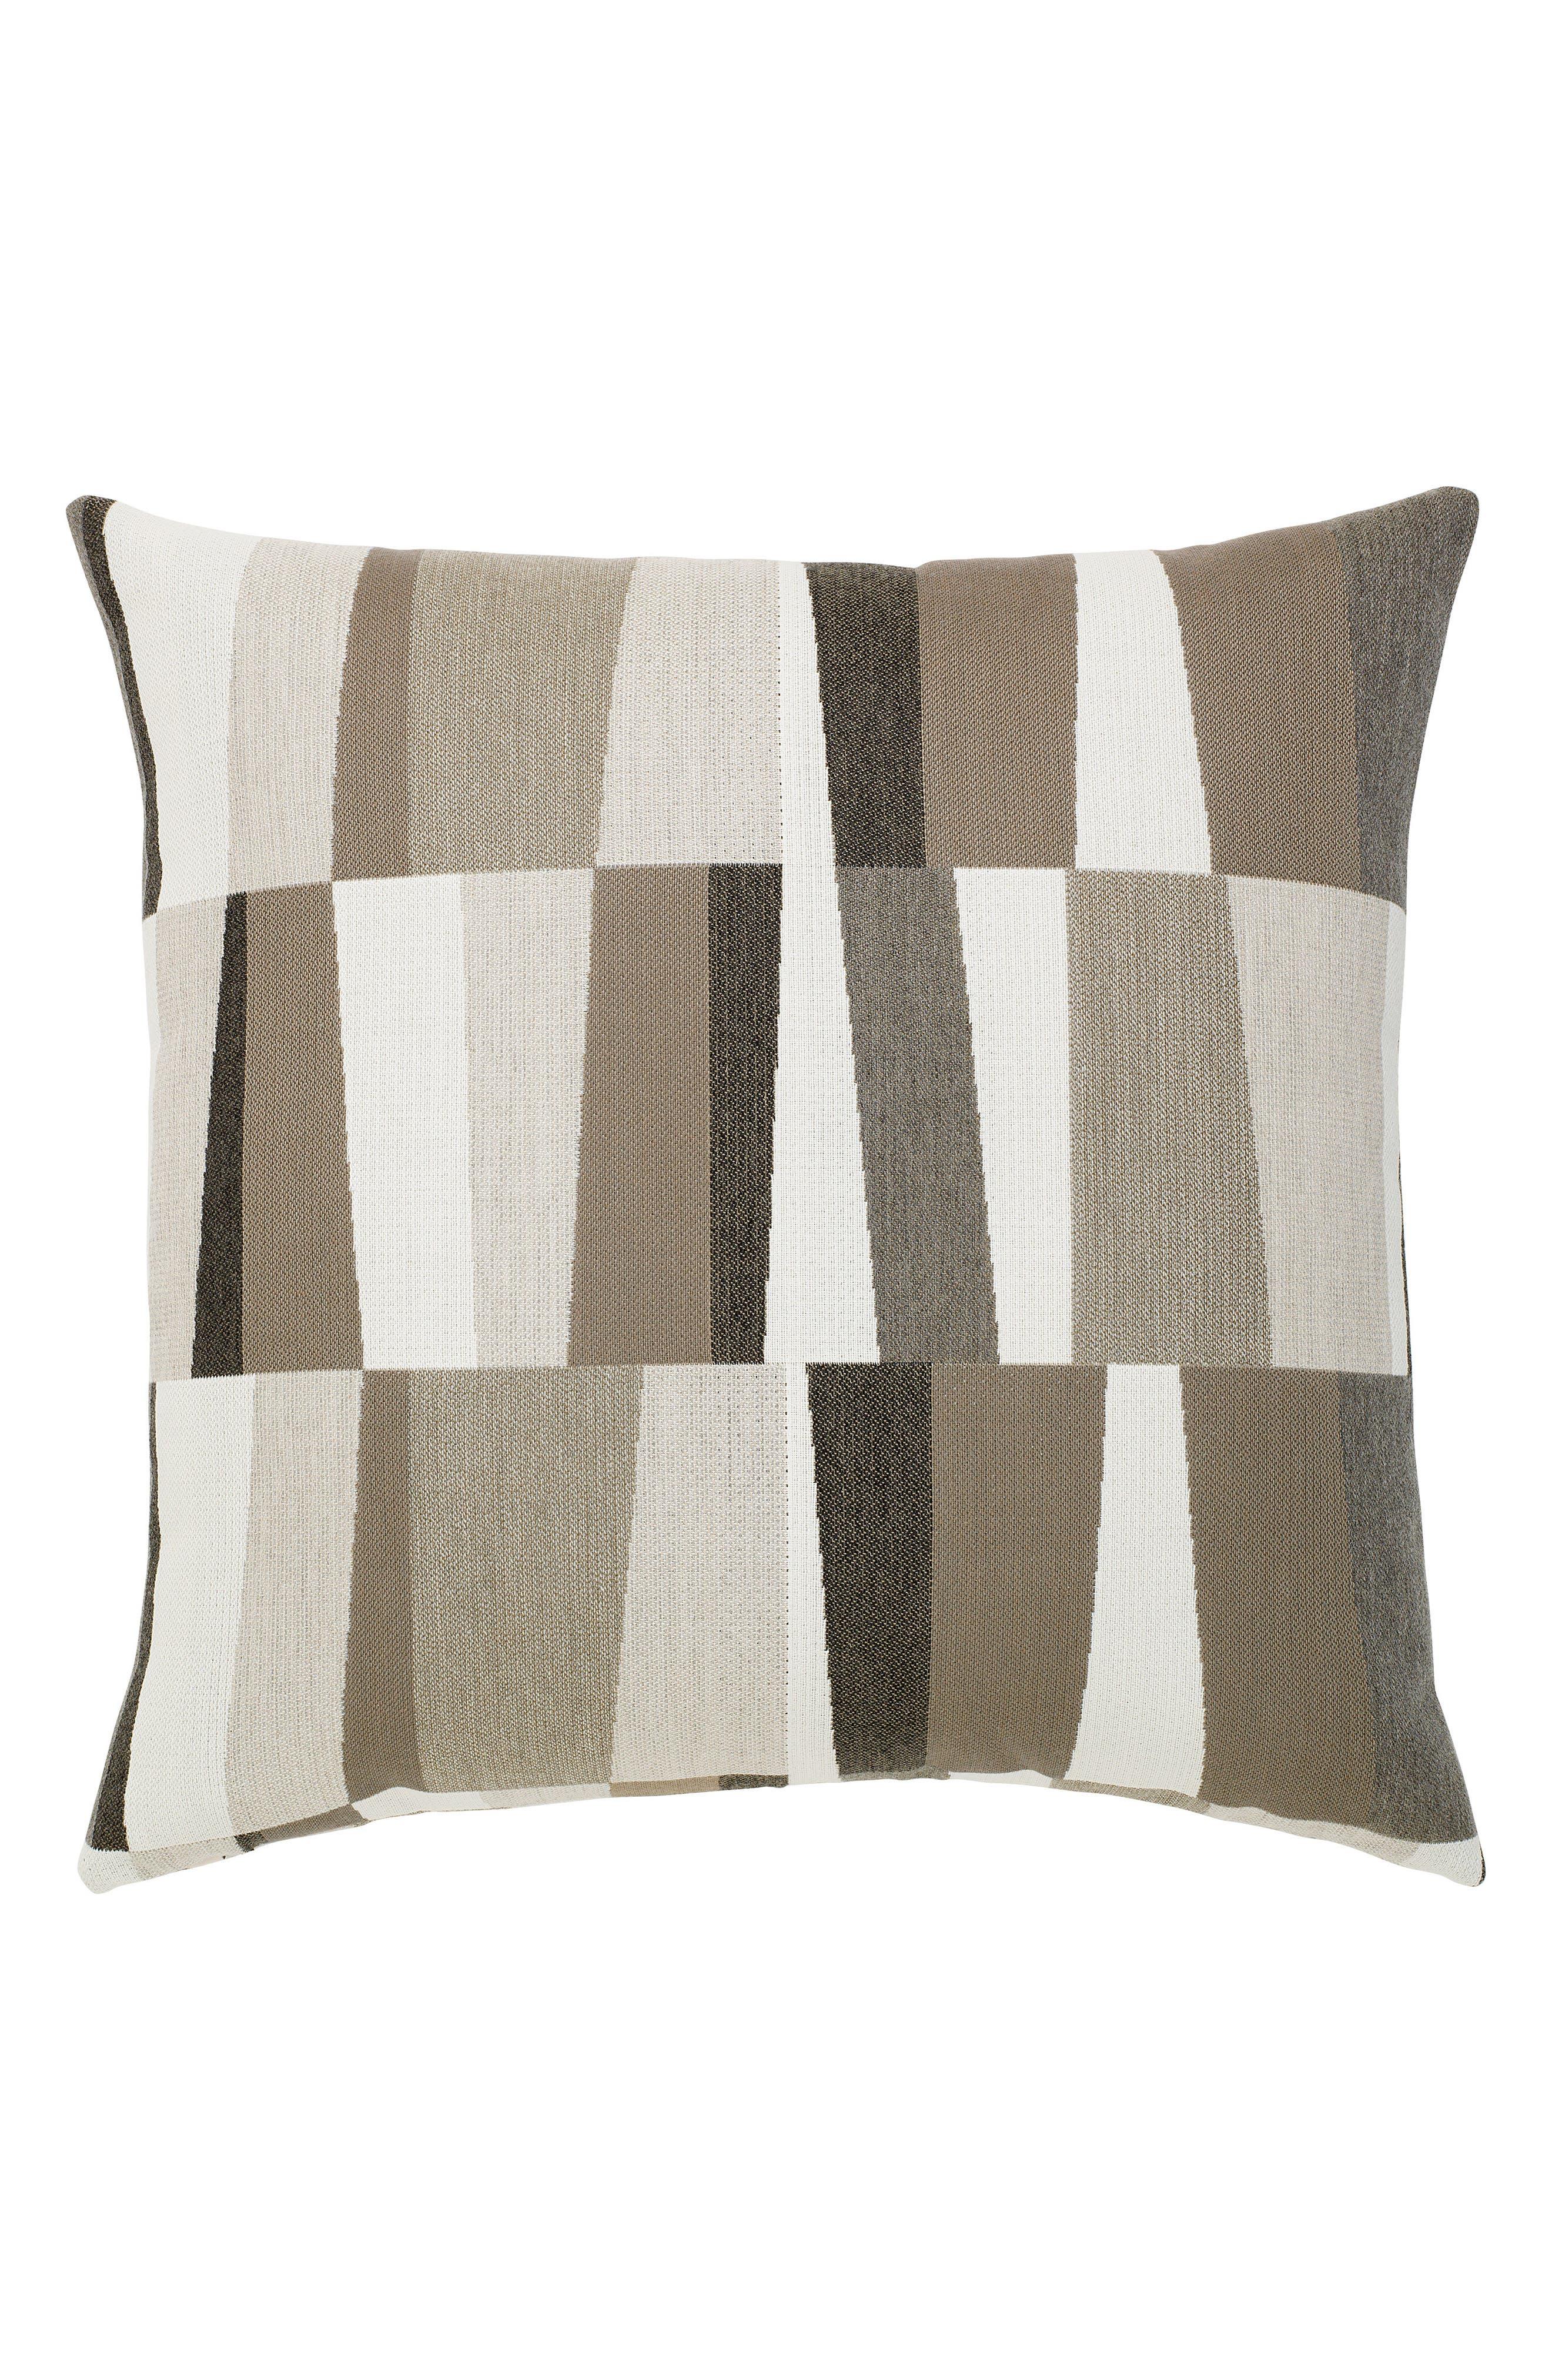 Elaine Smith Strata Grigio Indoor/Outdoor Accent Pillow